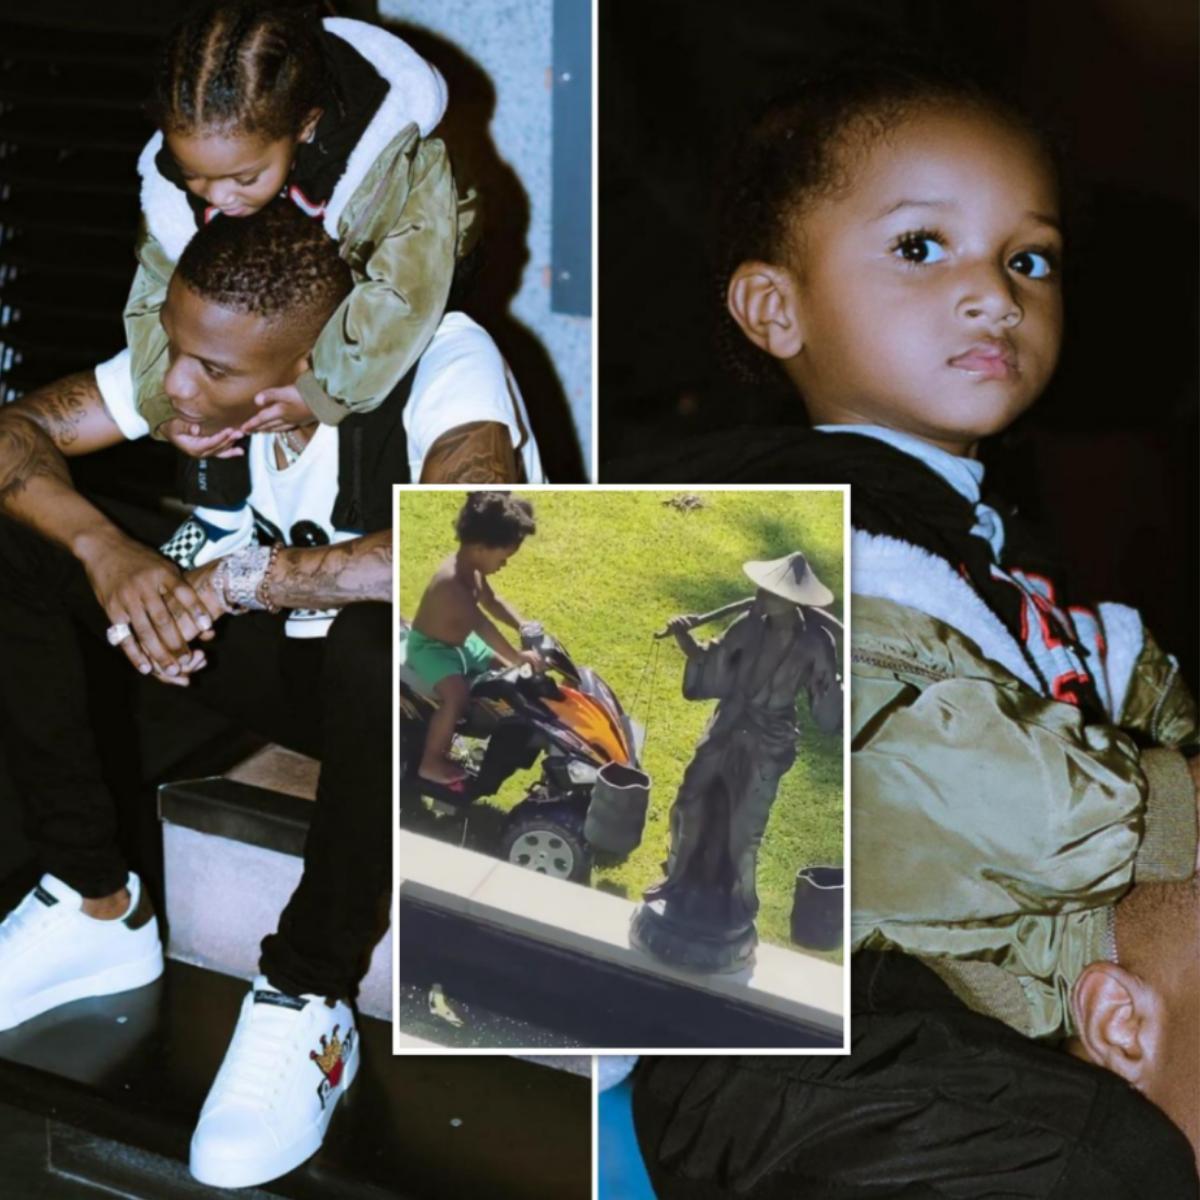 Wizkid's Son Zion Balogun Riding Skills